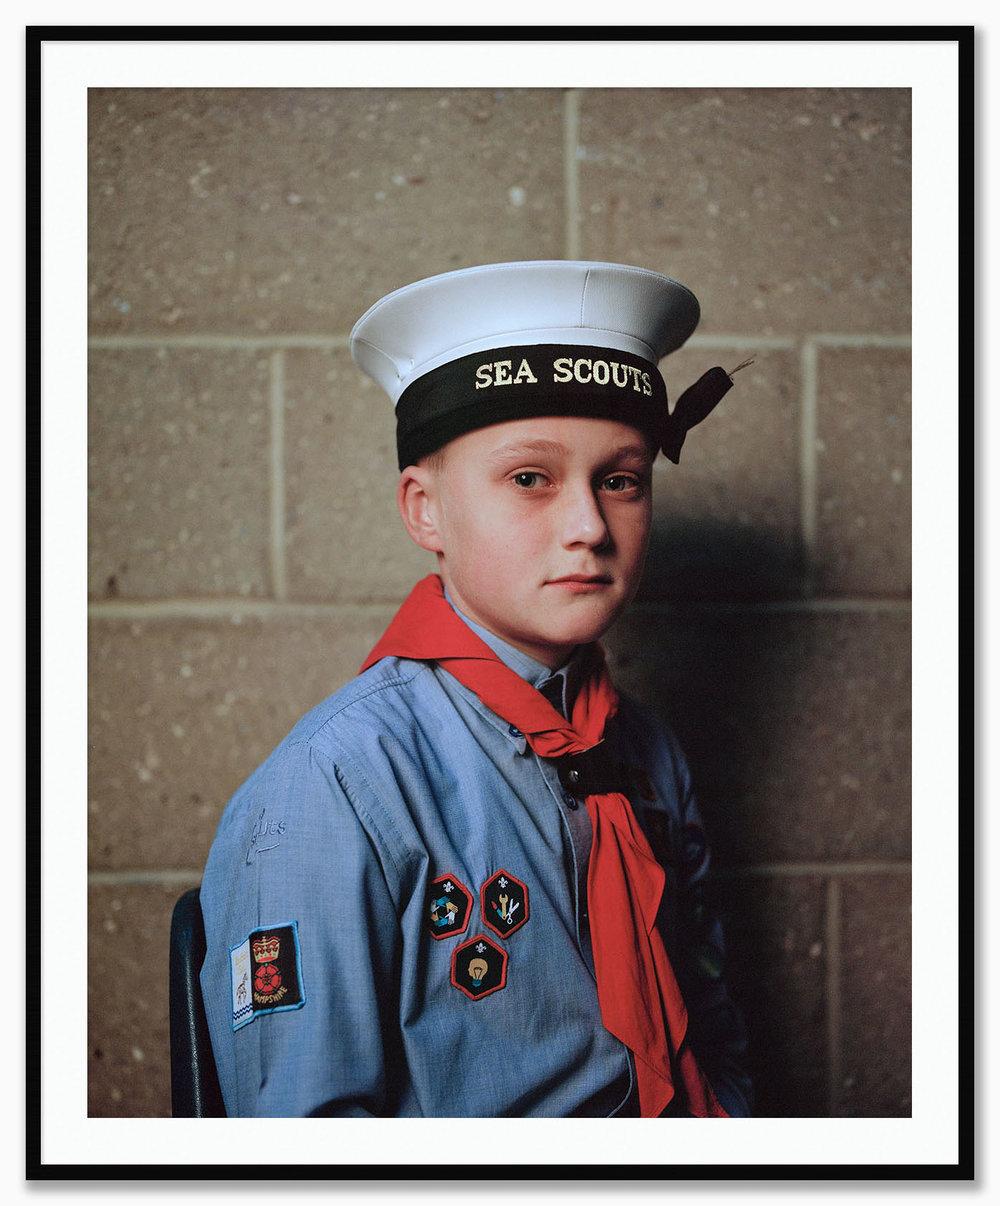 Untitled II. Sea Scout. England. Izzy de Wattripont _Mat_MatteBlack.jpg